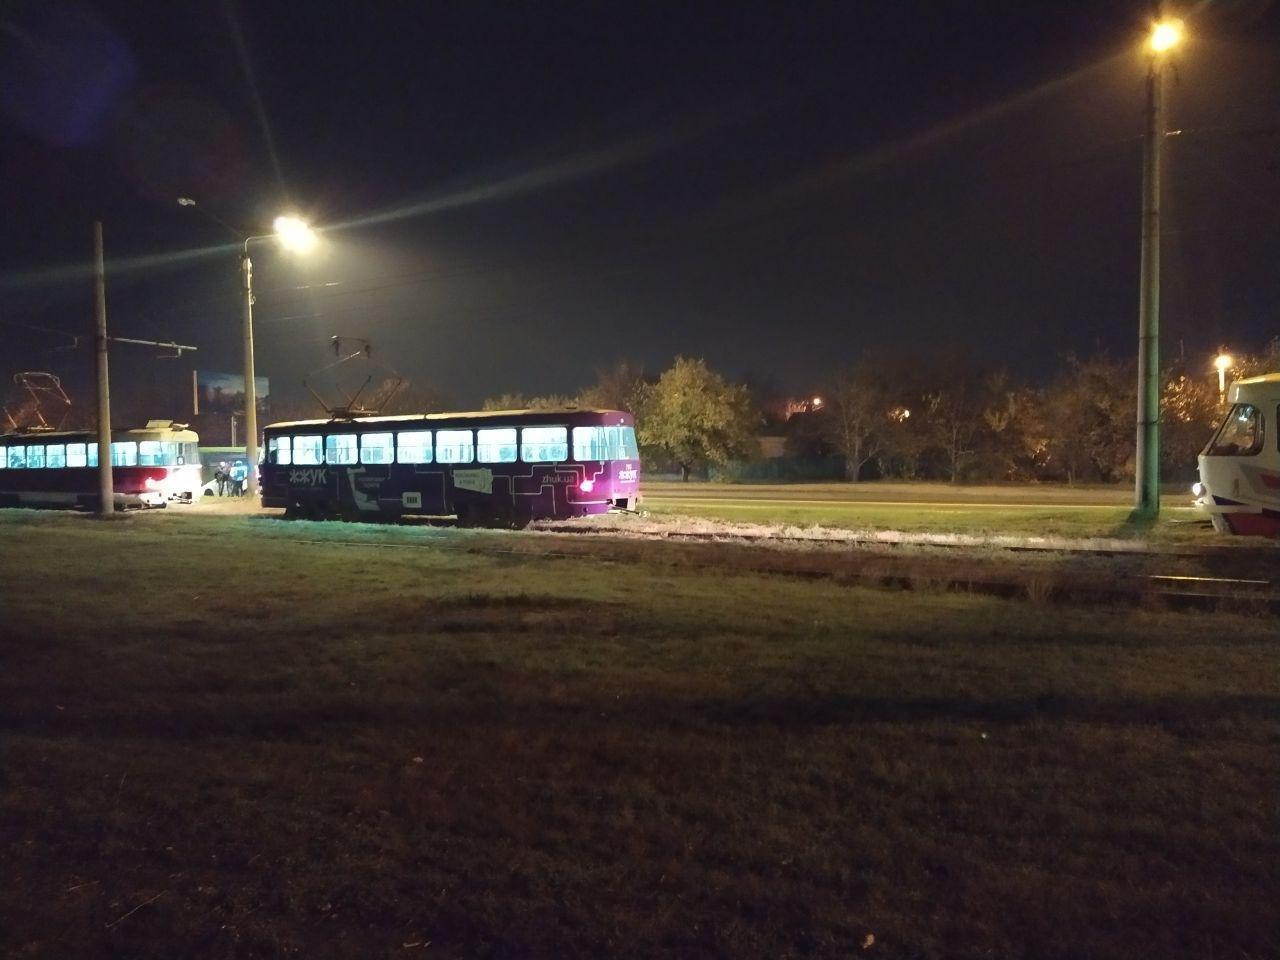 В Харькове неизвестный бросил камень в движущийся трамвай. Пострадала девушка, - ФОТО, фото-2